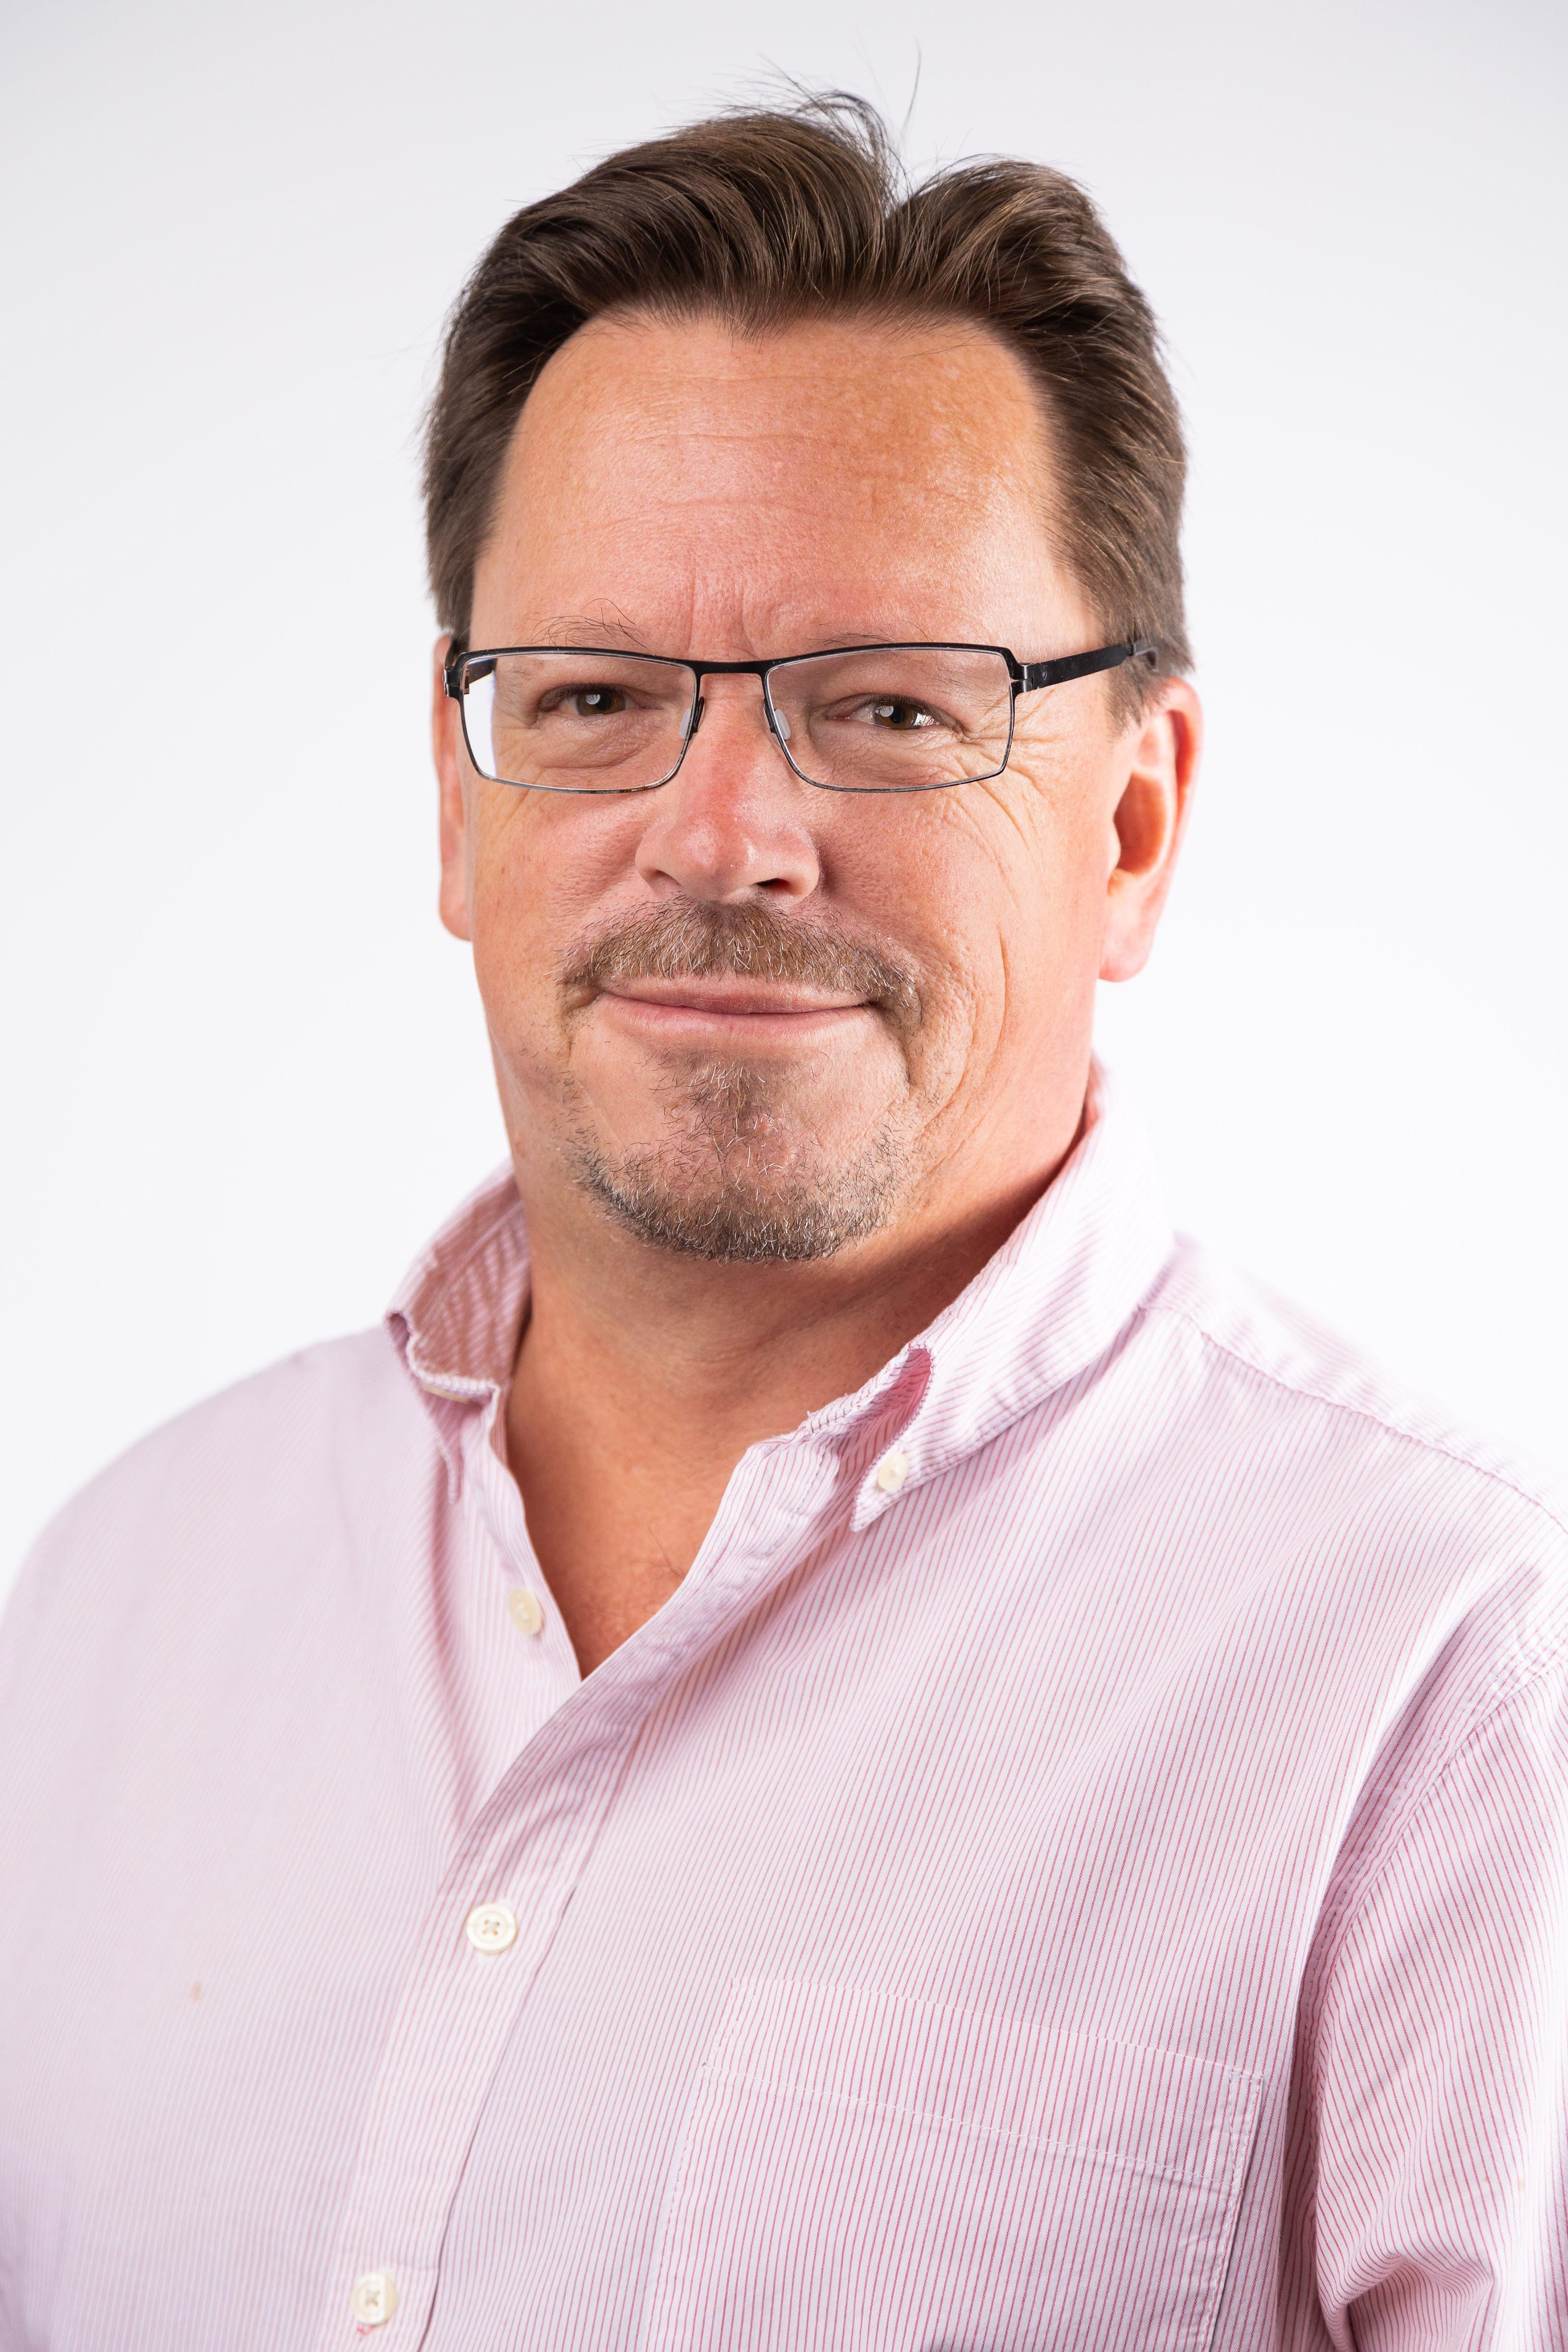 Photo of Mr. Tom White